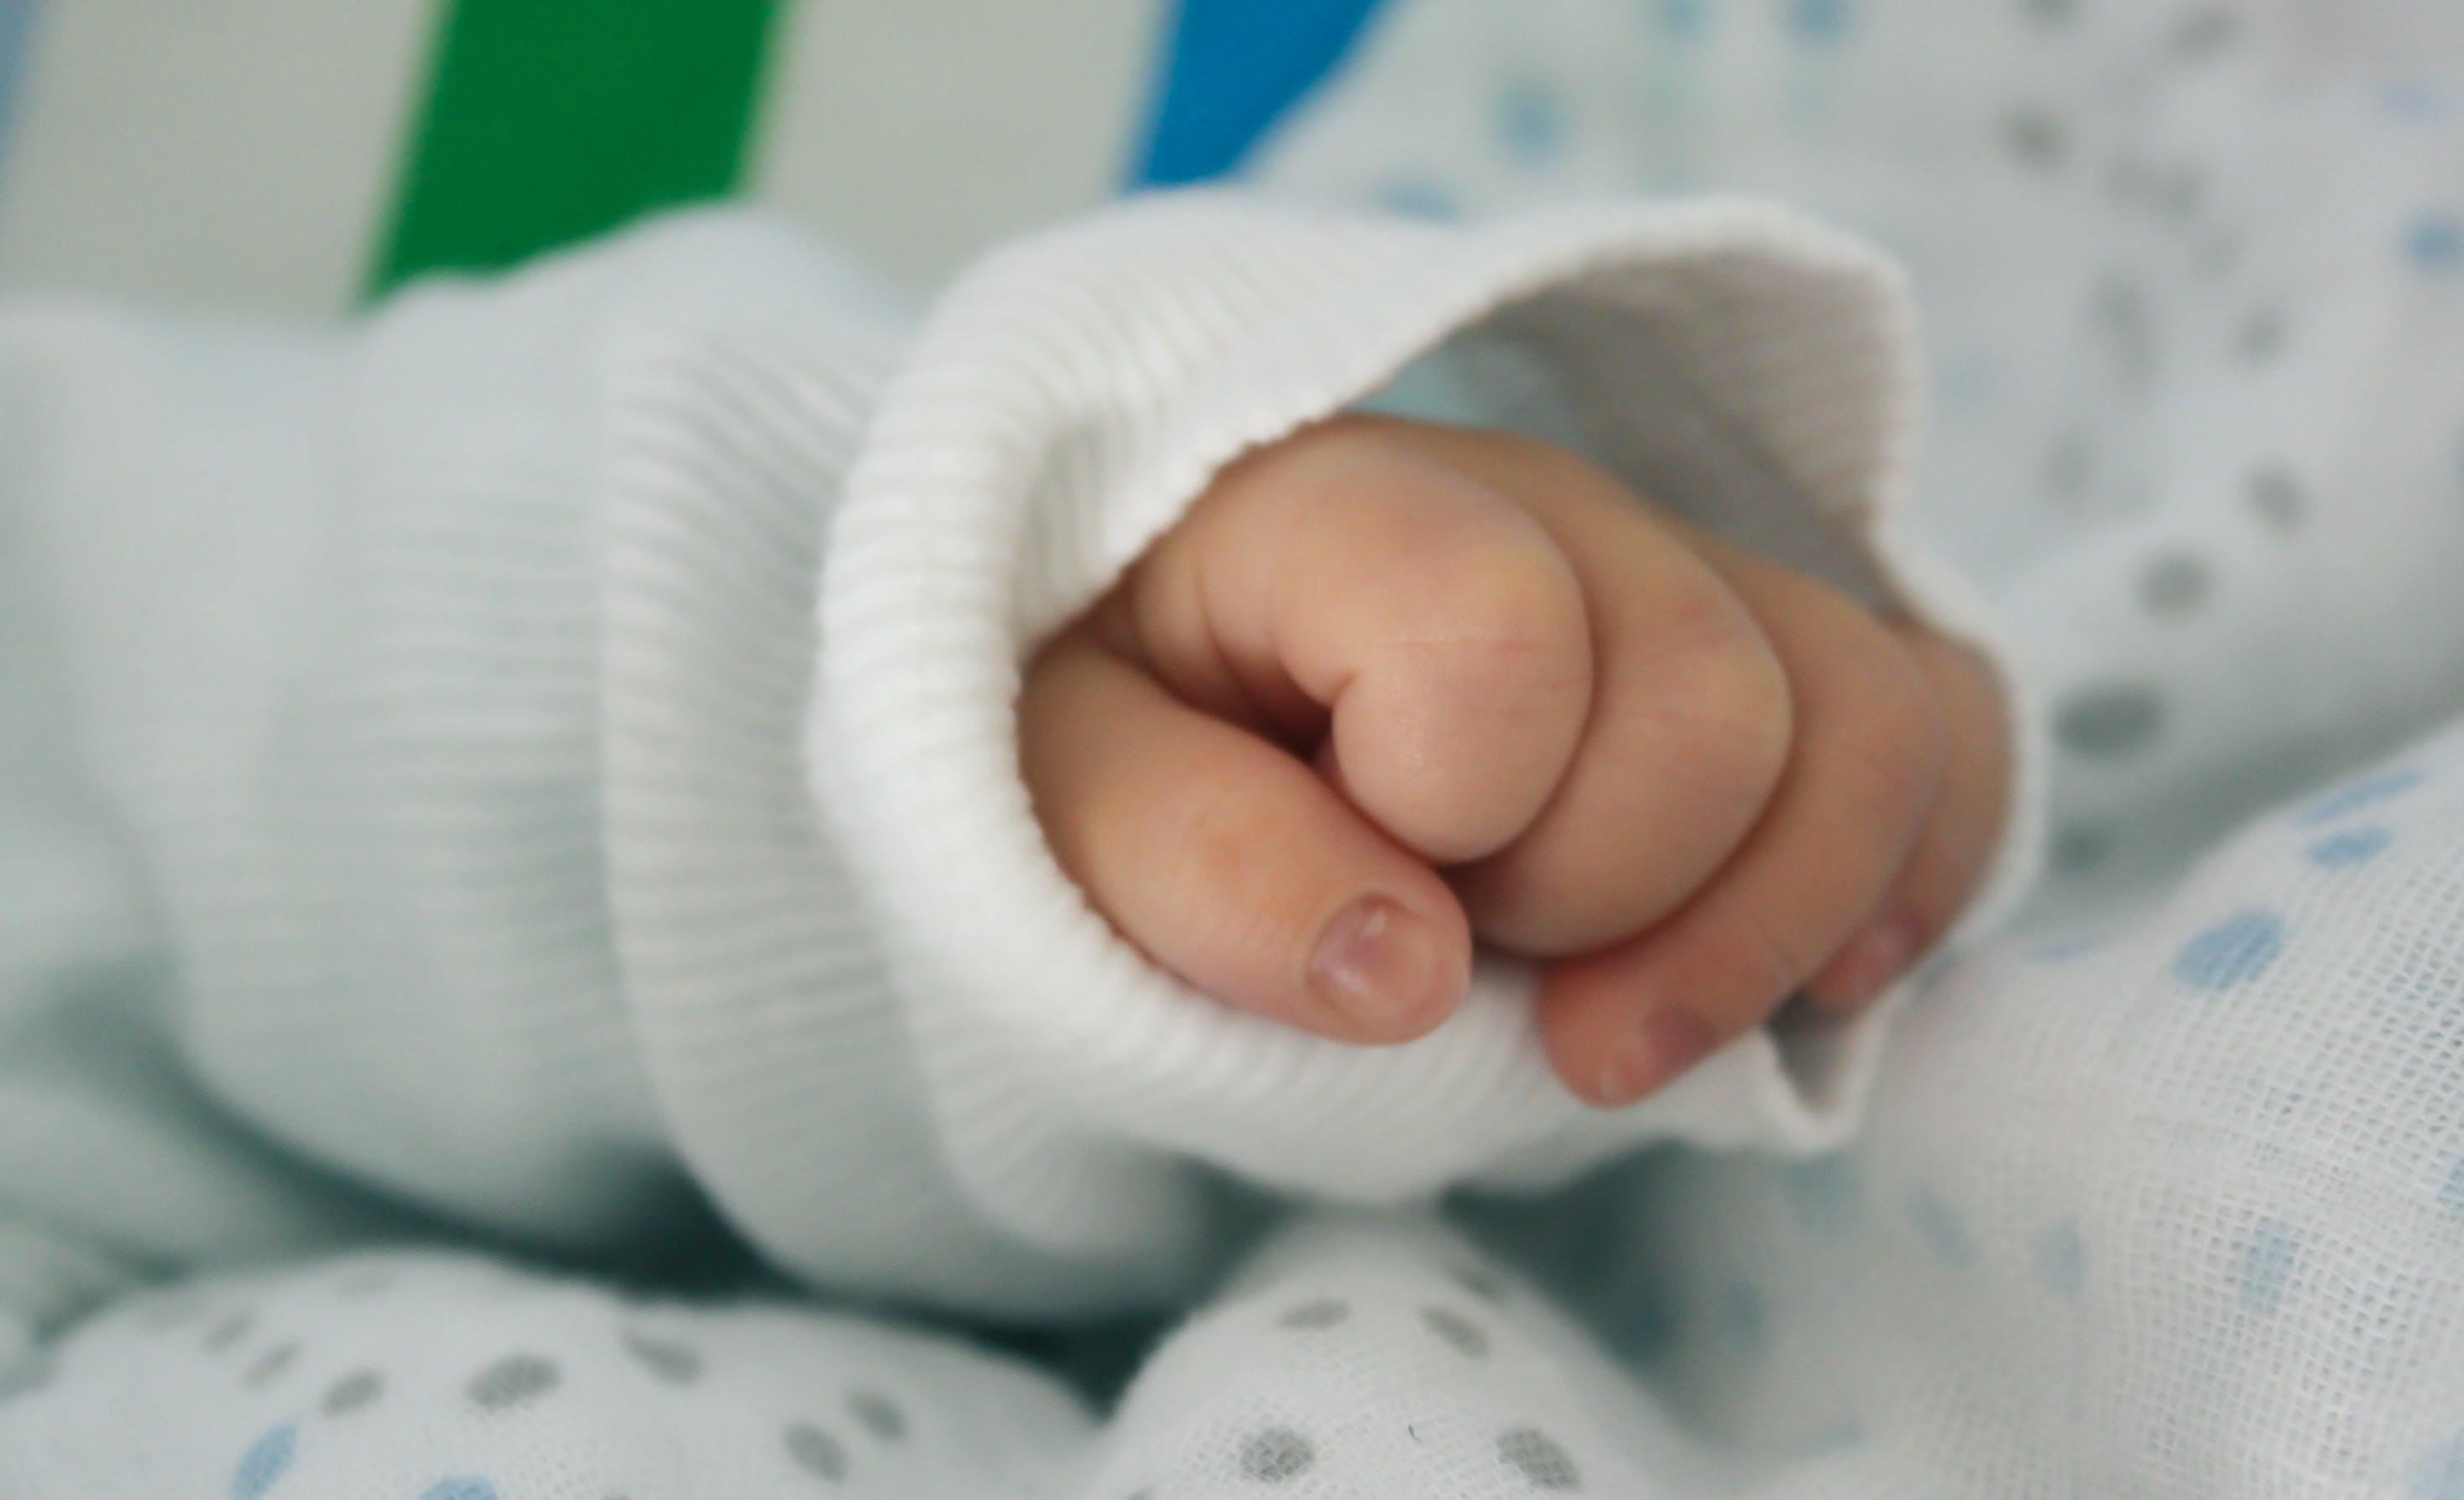 baby, finger, hand